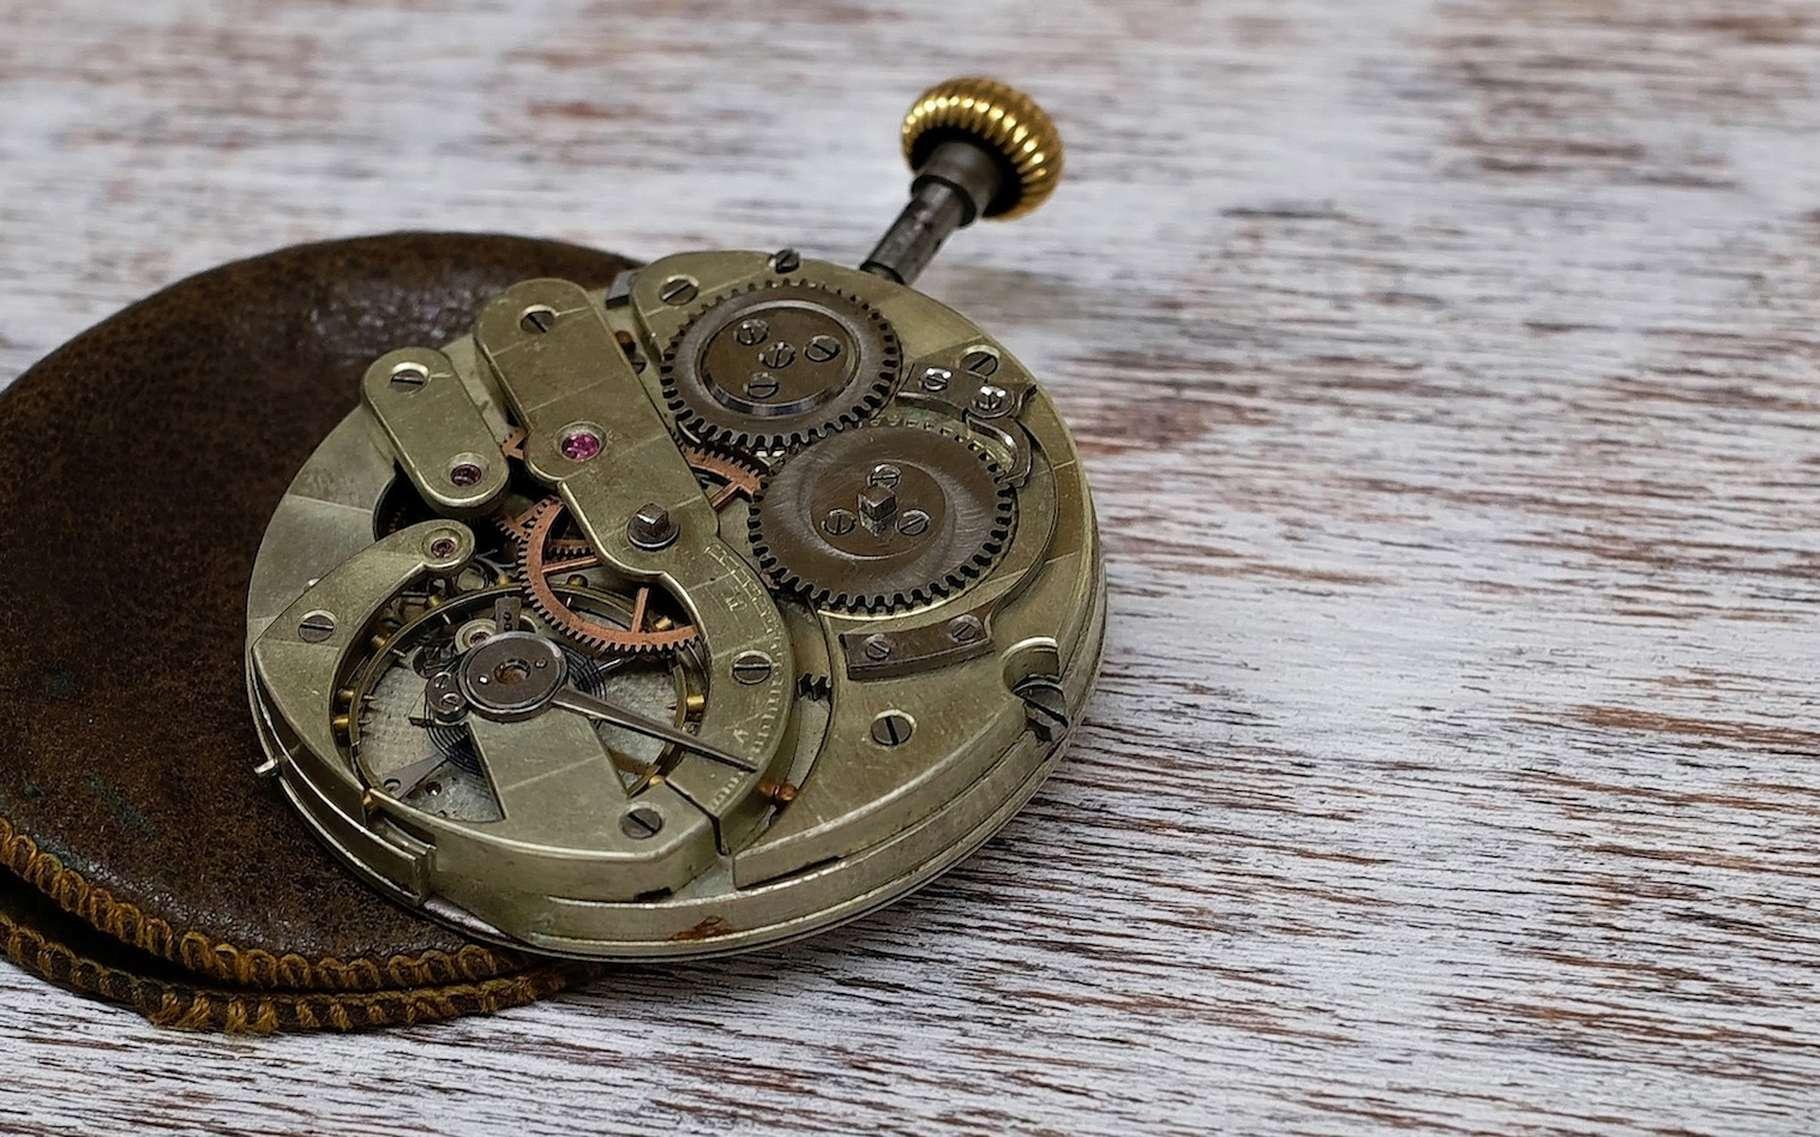 Depuis le milieu des années 1950, les horloges atomiques définissent le temps atomique international comme une référence mondiale. © Couleur, Pixabay, DP